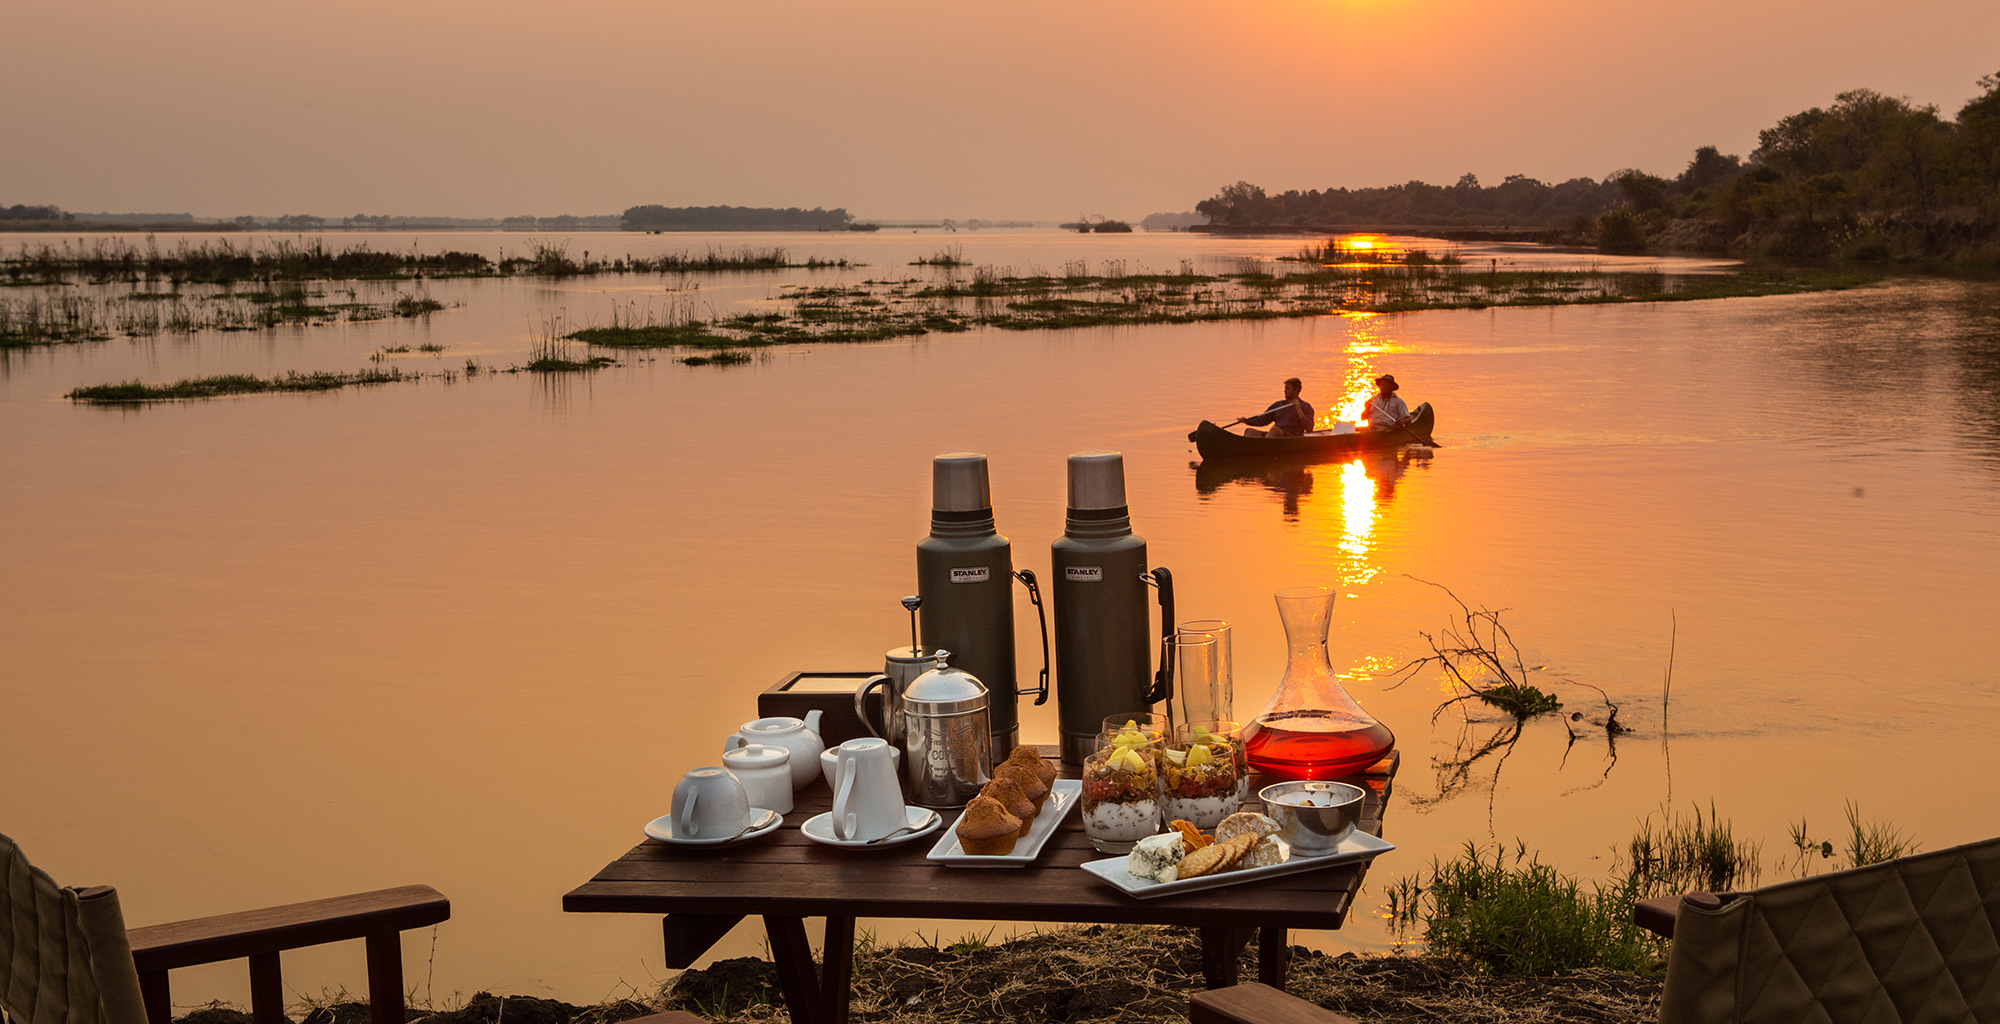 Zimbabwe-Greater-Mana-Expedition-Sunset-Canoeing